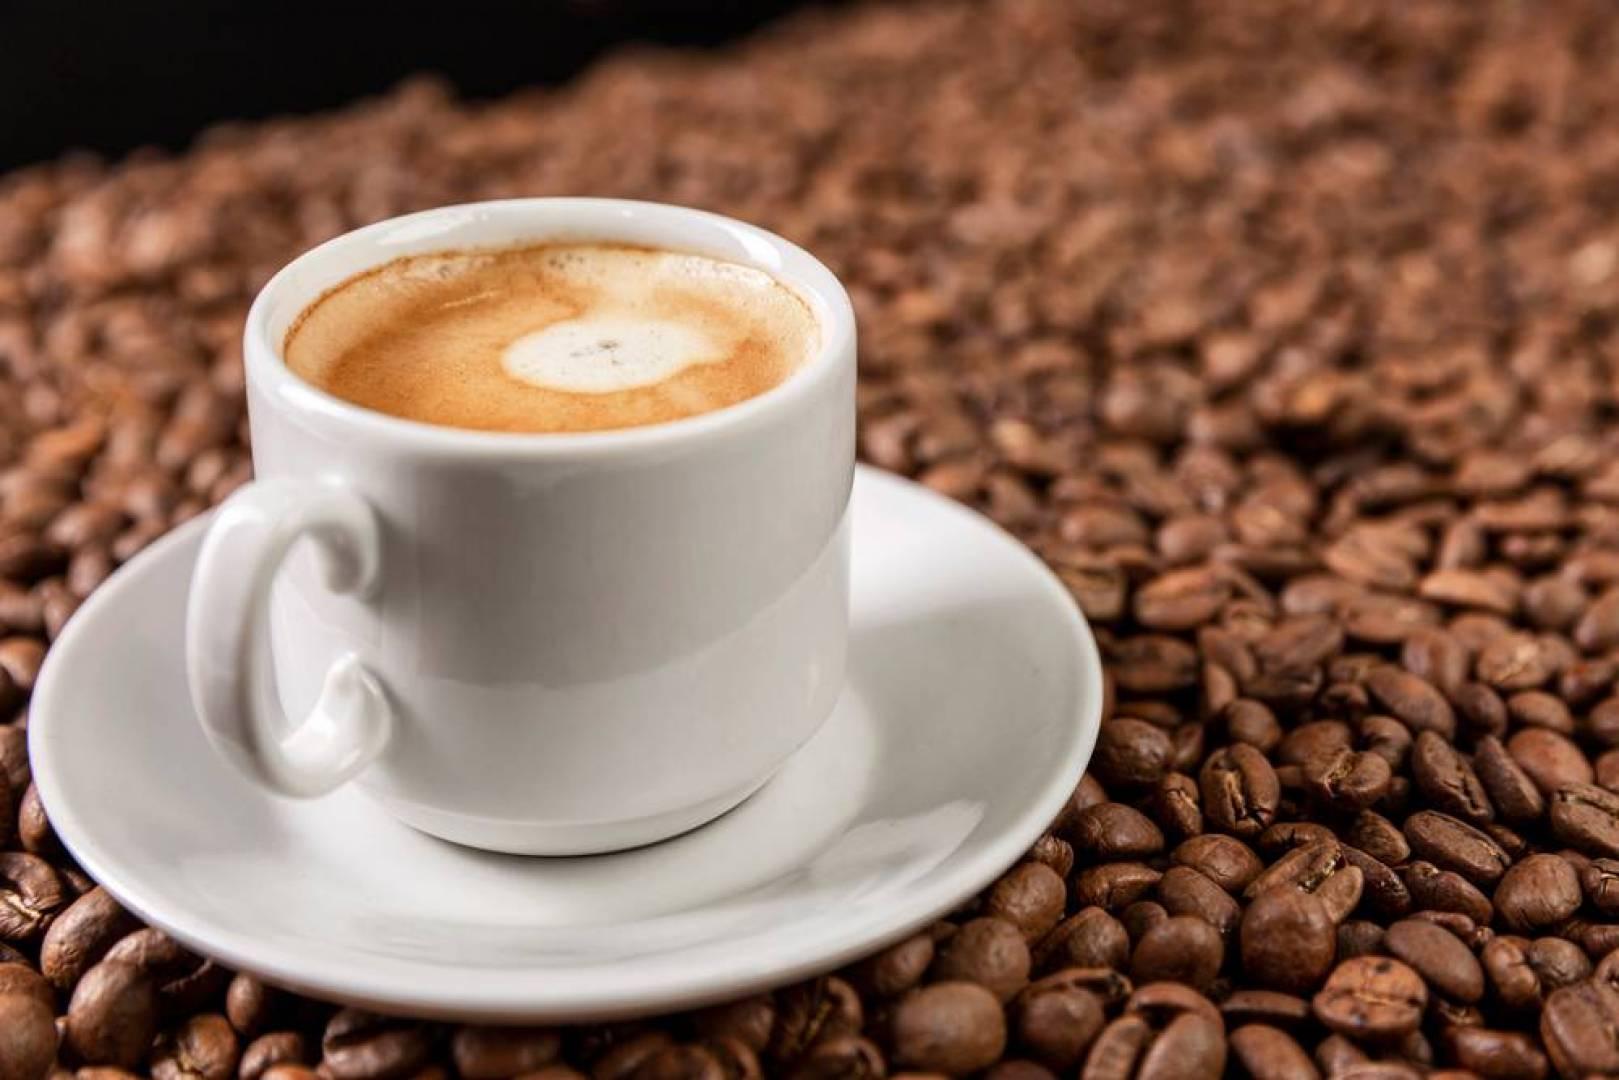 دراسة سويدية تحمل بشرى لعشاق القهوة: تطيل العمر